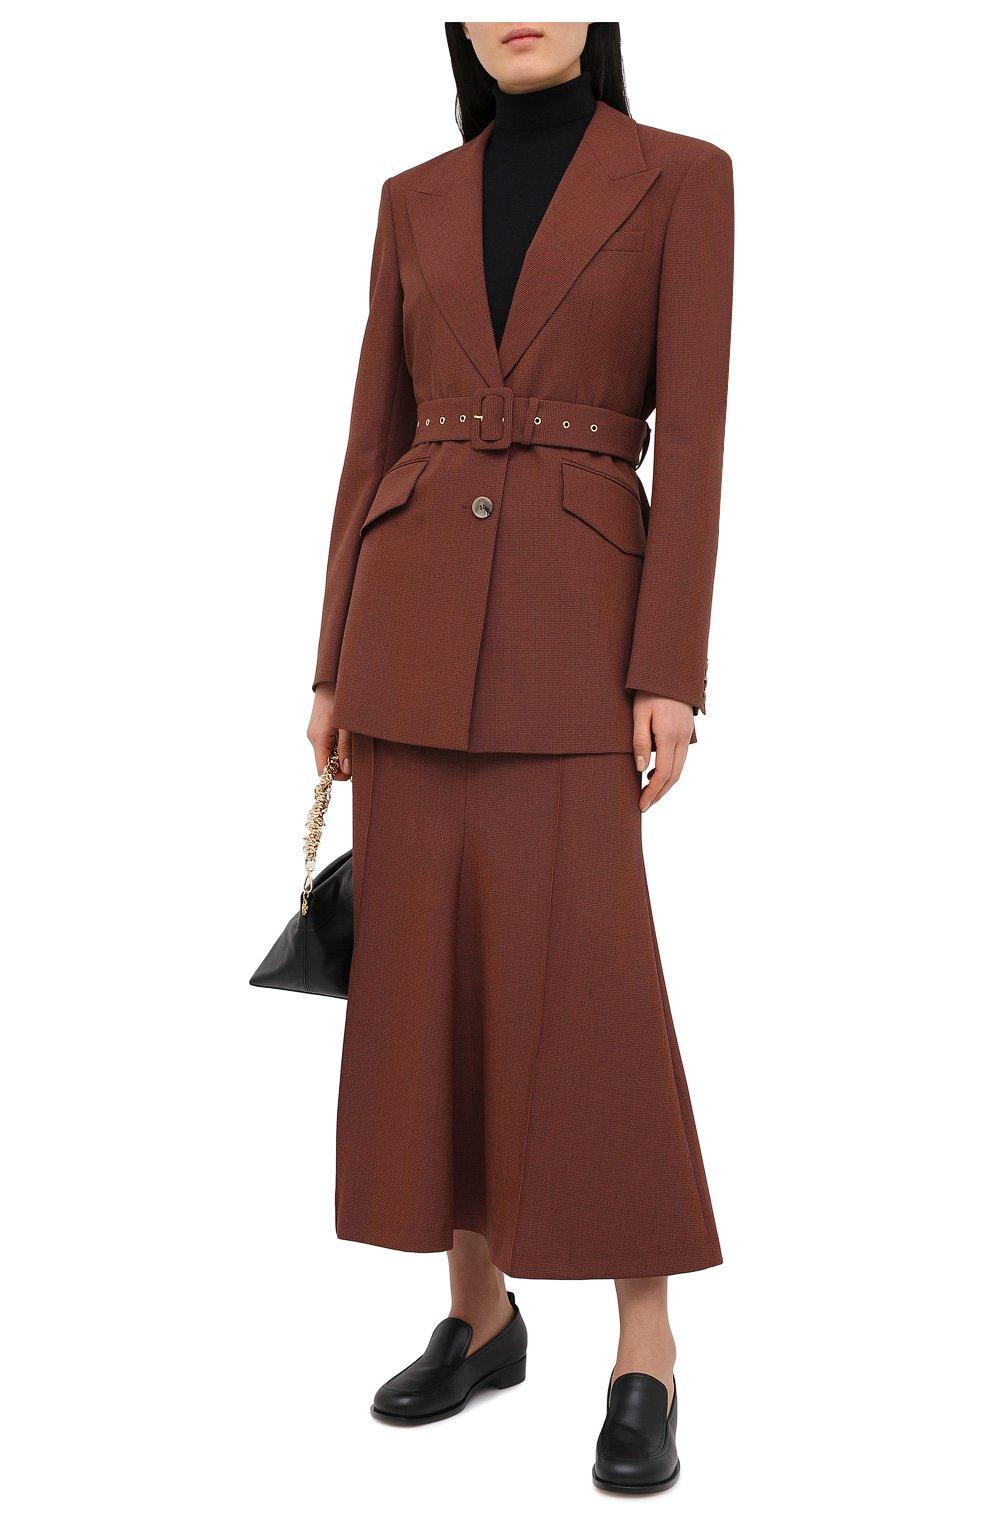 Женская юбка NANUSHKA коричневого цвета, арт. MACIE_RUST_H0UNDST00TH SUITING | Фото 2